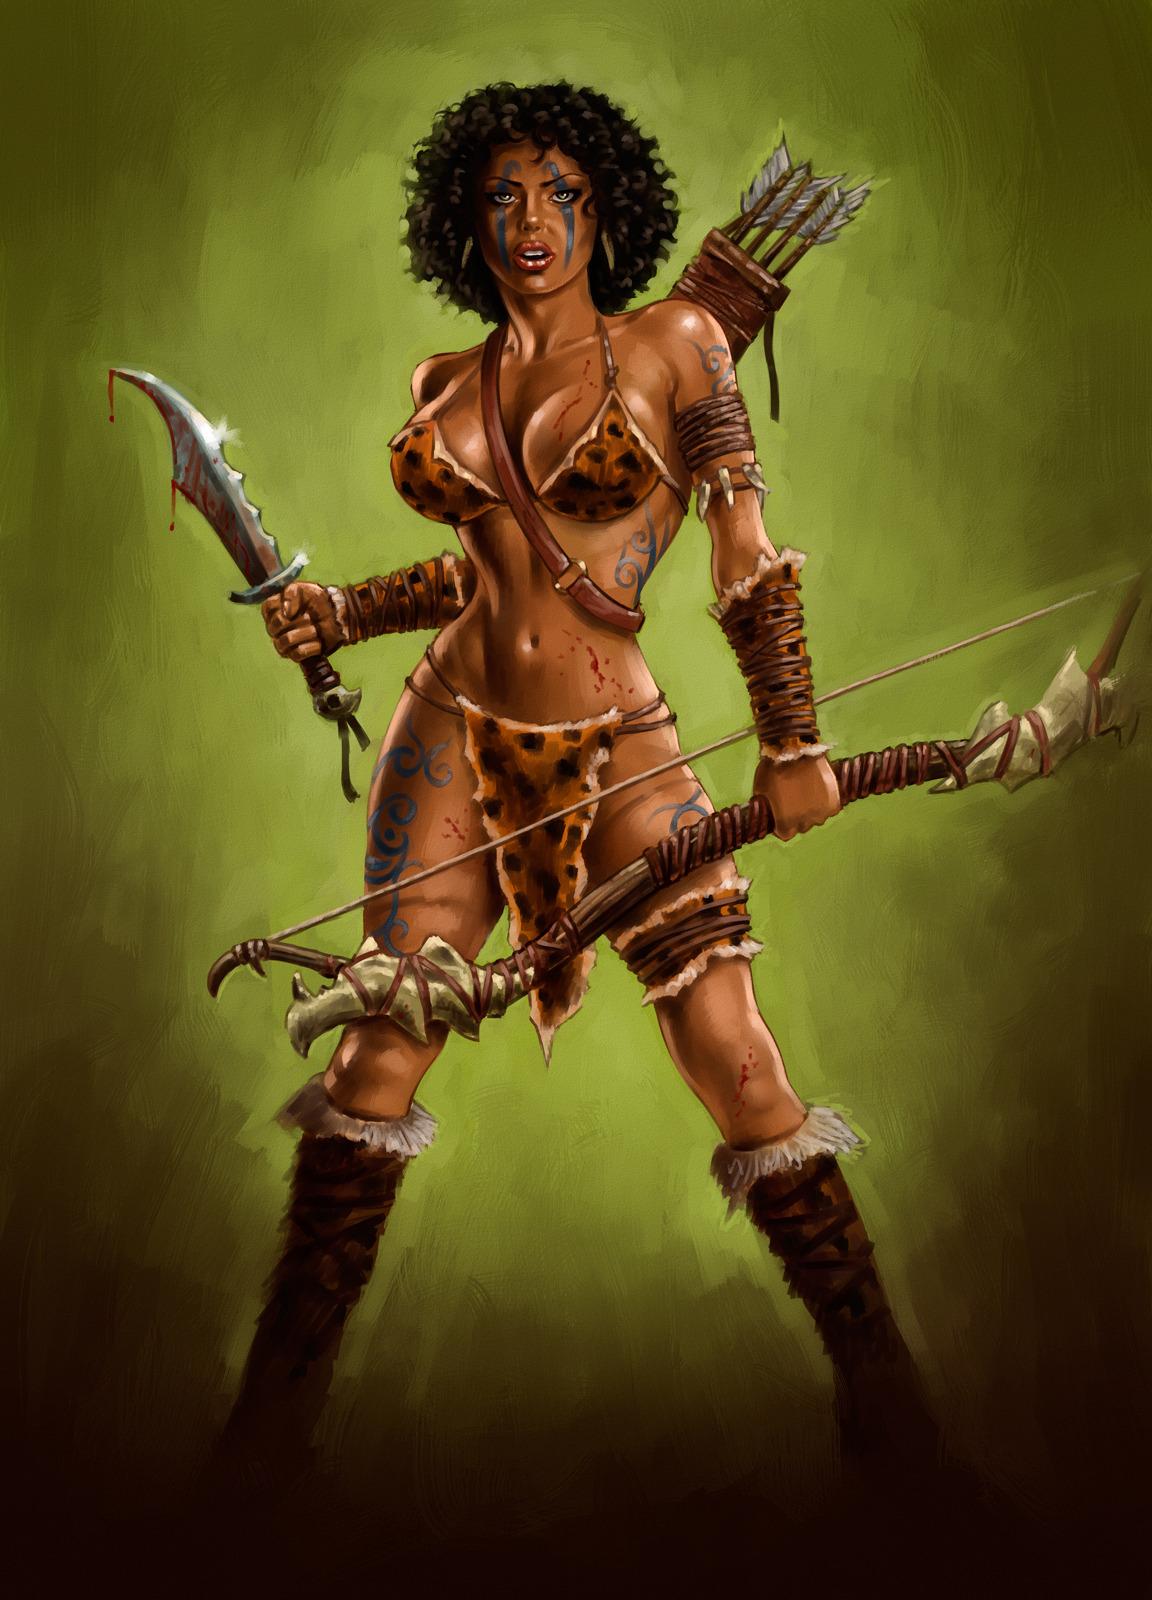 Sexy girl warrior